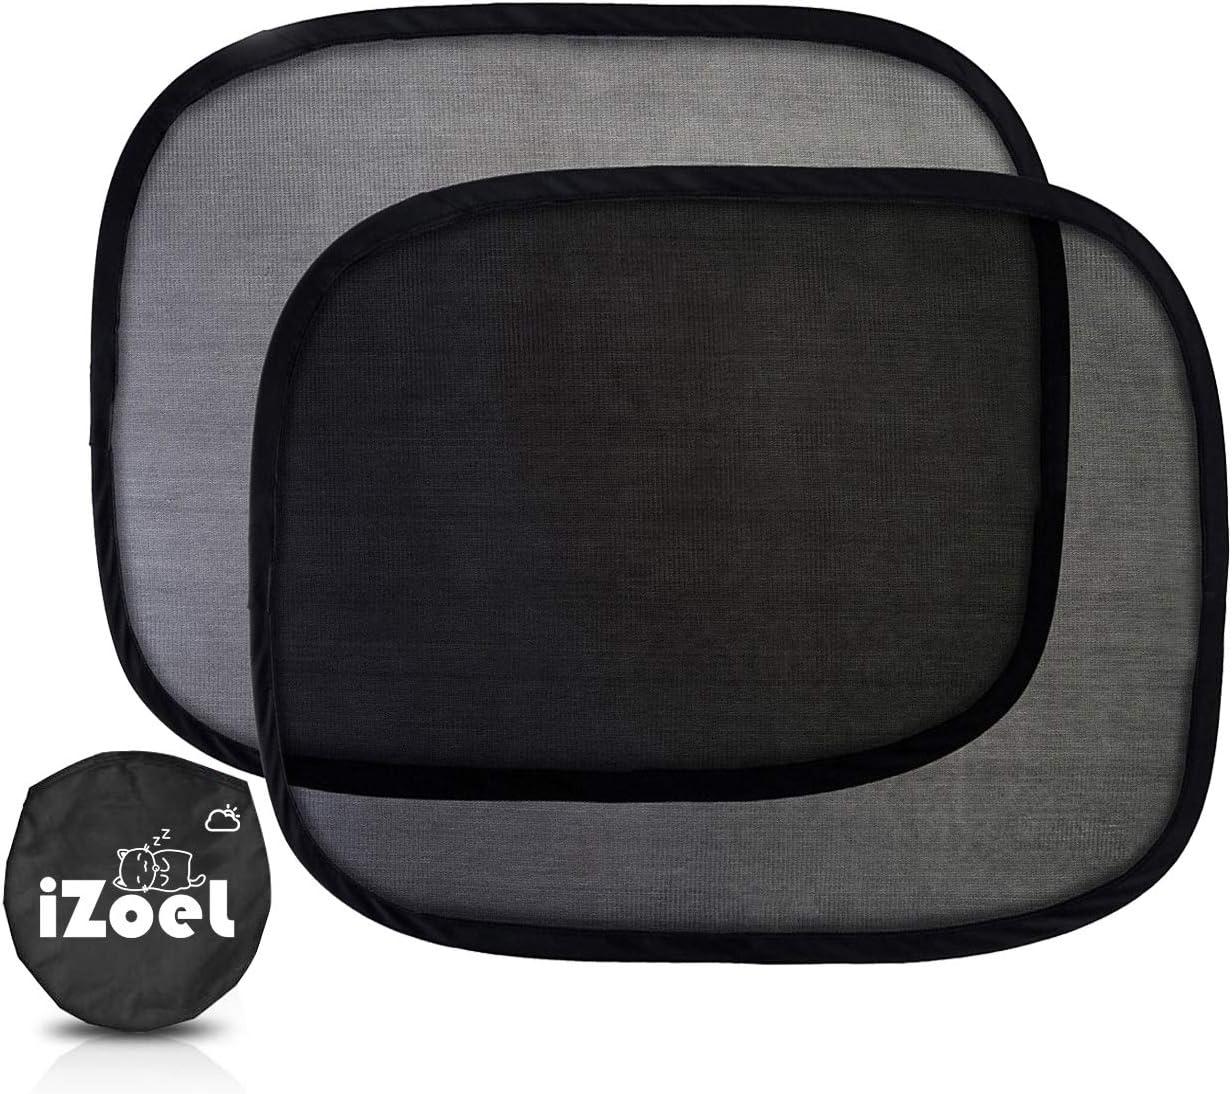 XL f/ür gro/ße Seitenfenster Kinder iZoeL Auto-Sonnenschutz f/ür Babys